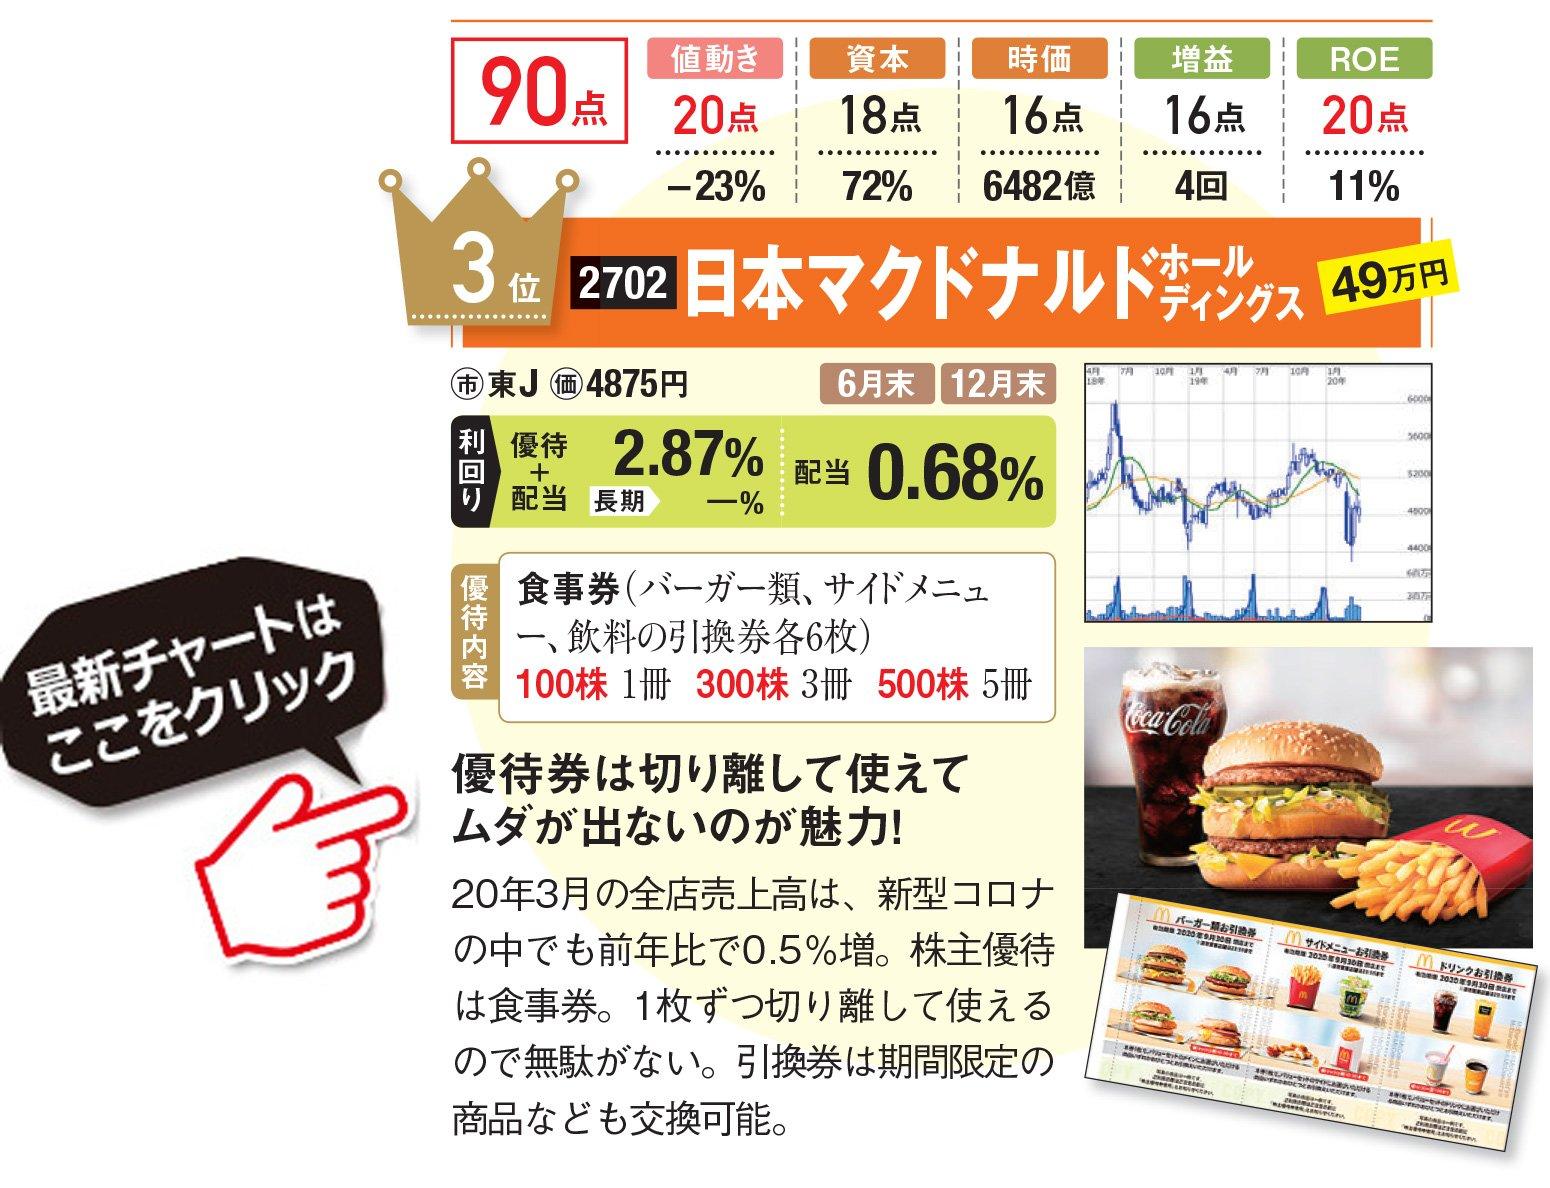 日本マクドナルド 株価